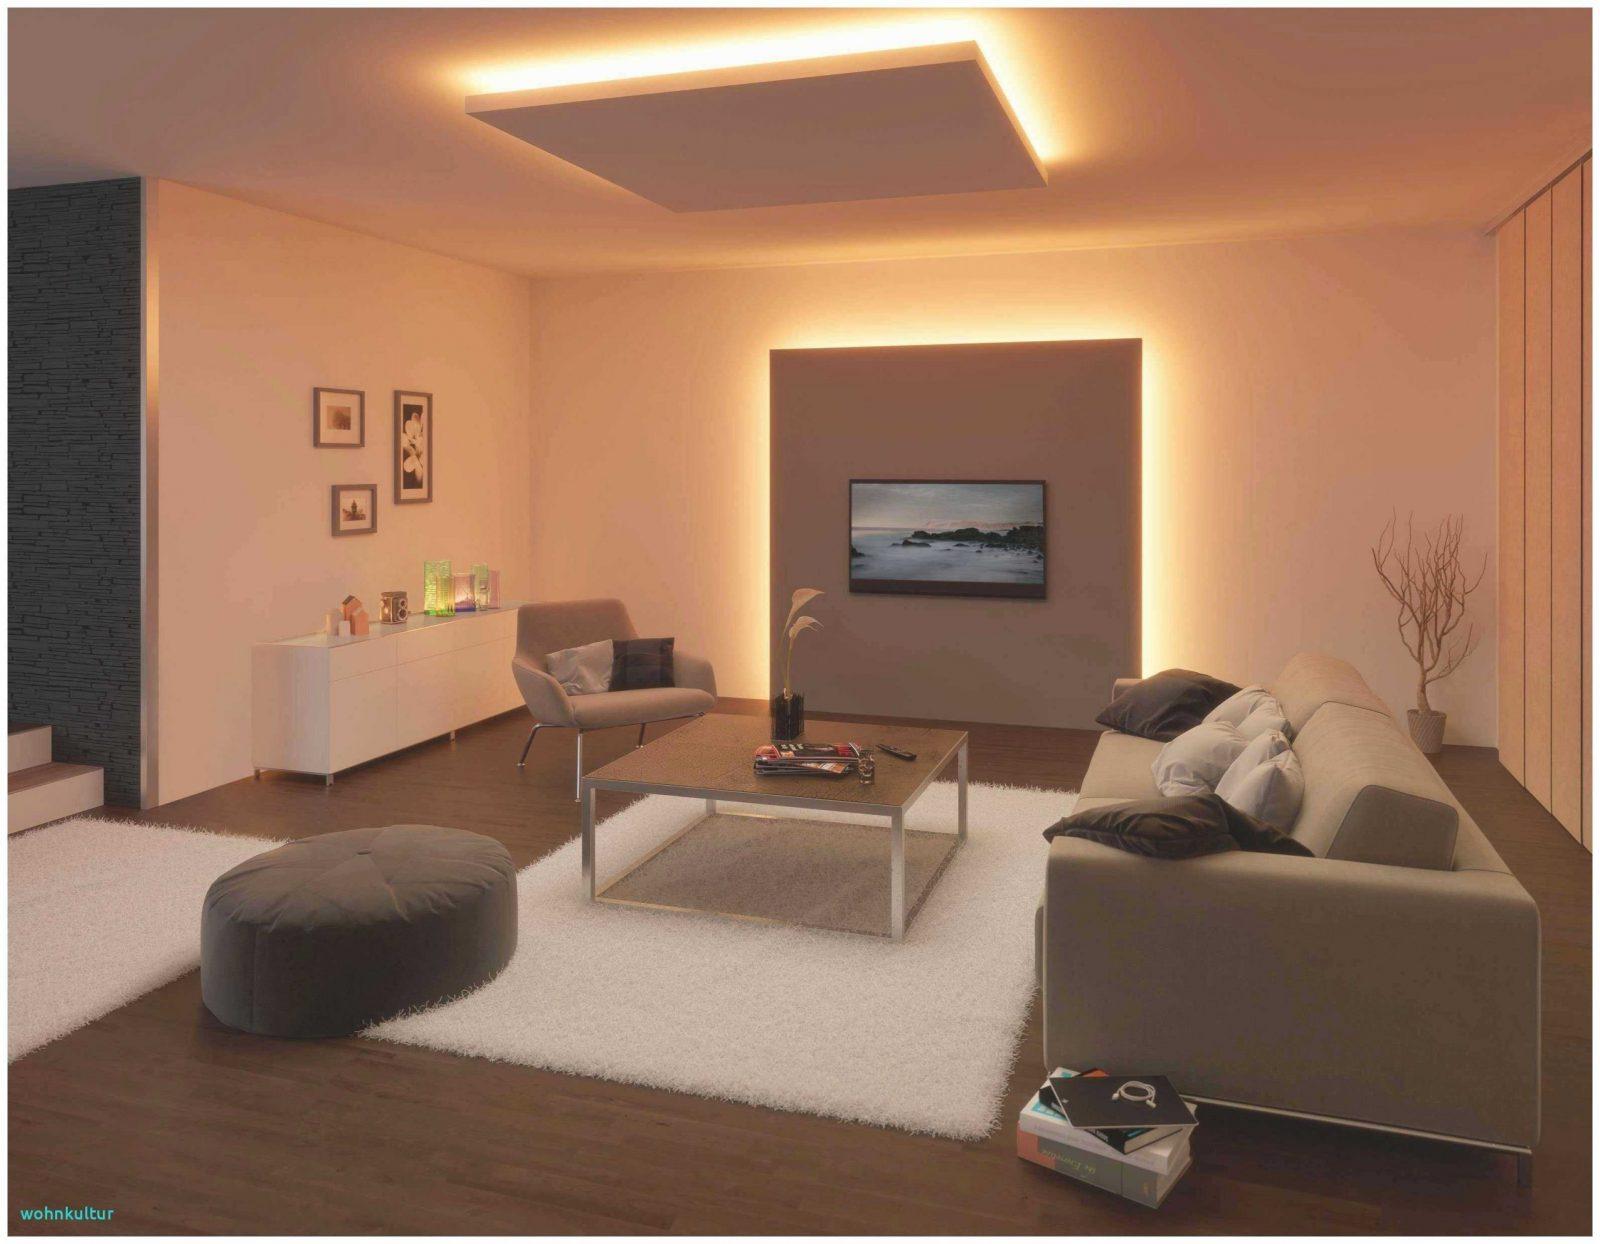 Luxus 27 Von Tapeten Landhausstil Wohnzimmer  Hauptideen von Tapeten Trends 2015 Wohnzimmer Bild